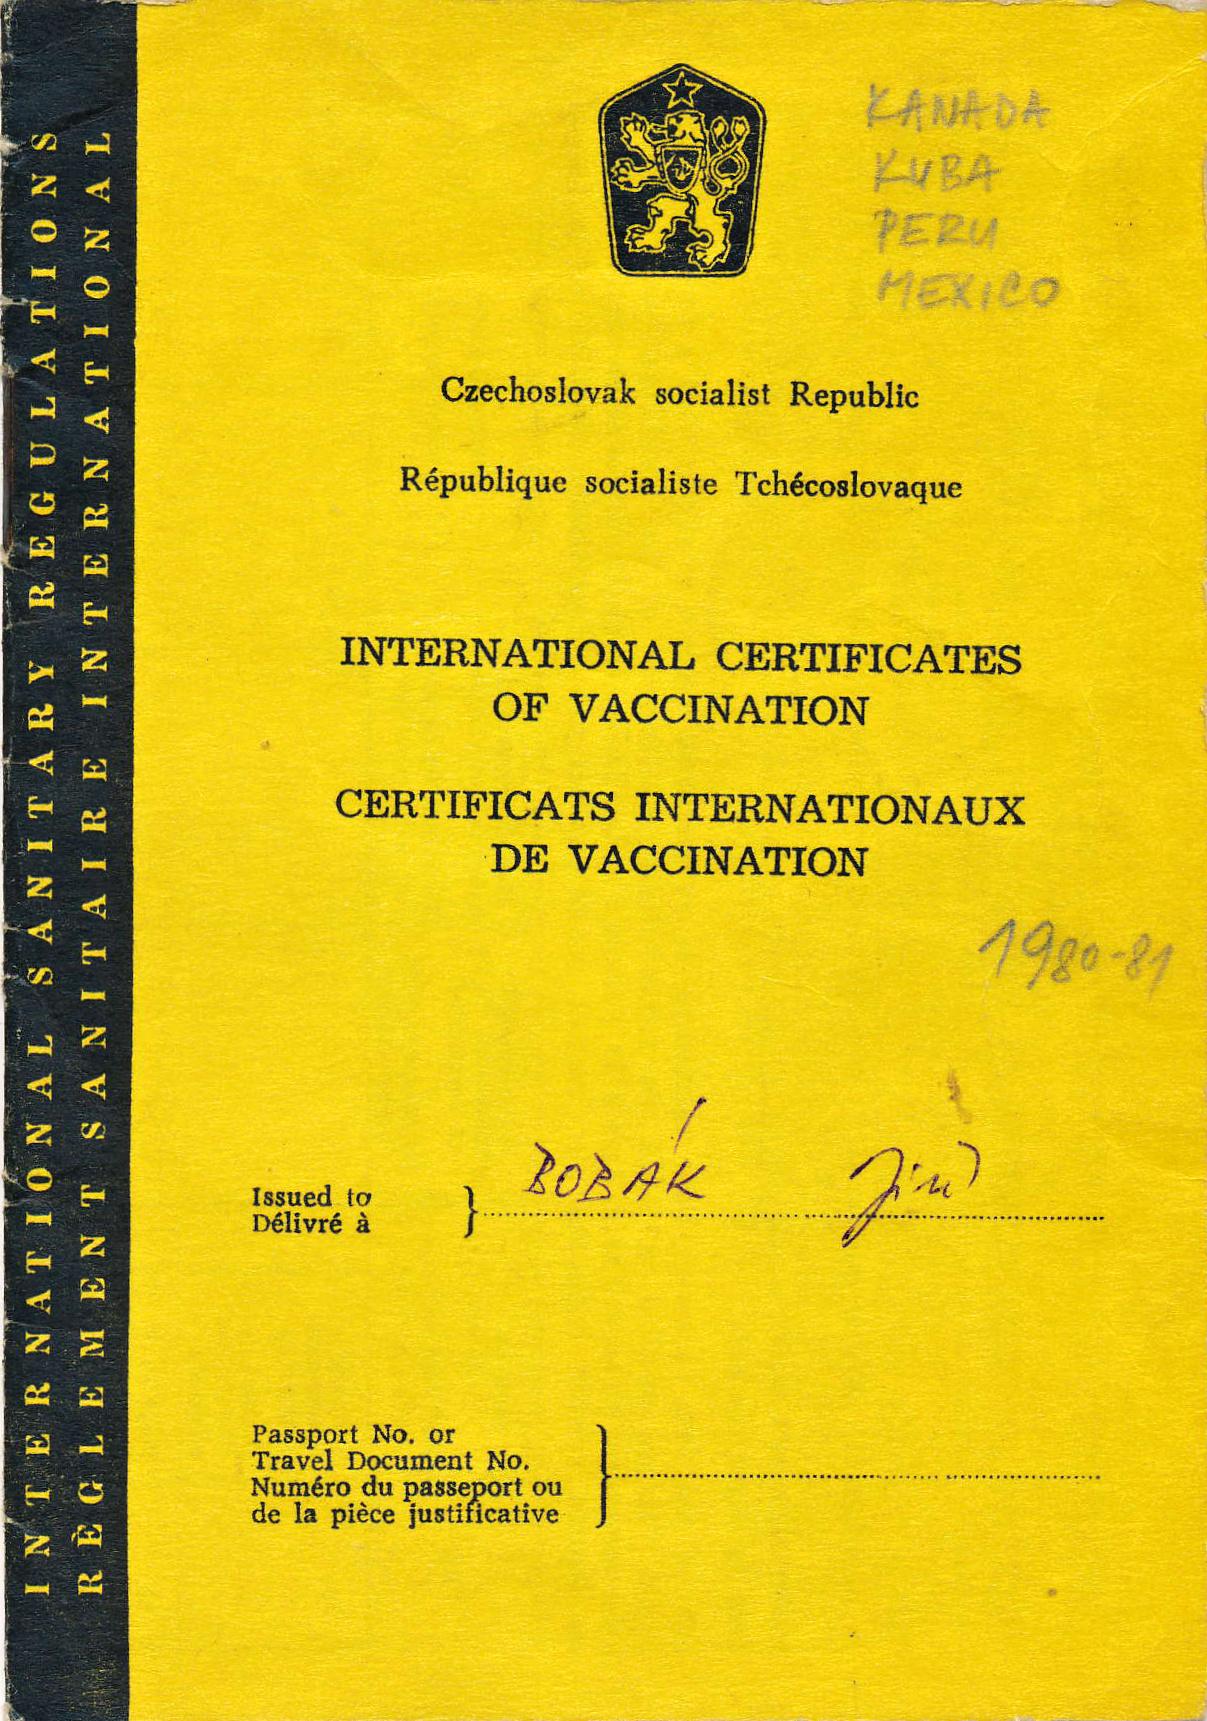 Mezinárodní řidičský průkaz Jiřího Bobáka